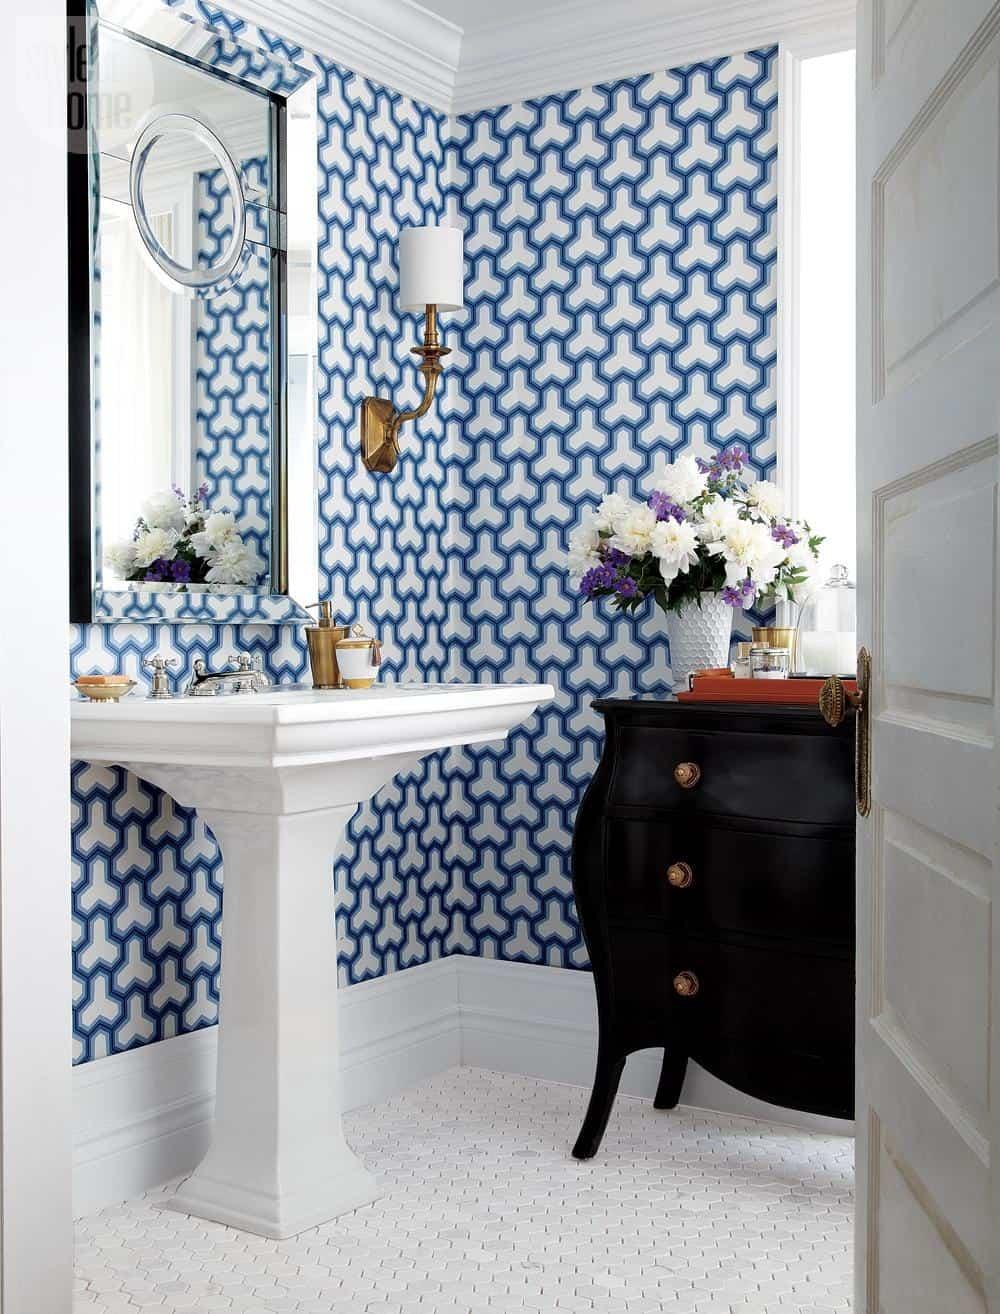 10 Modern Small Bathroom Ideas for Dramatic Design or ... on Ideas For Small Bathrooms  id=19777